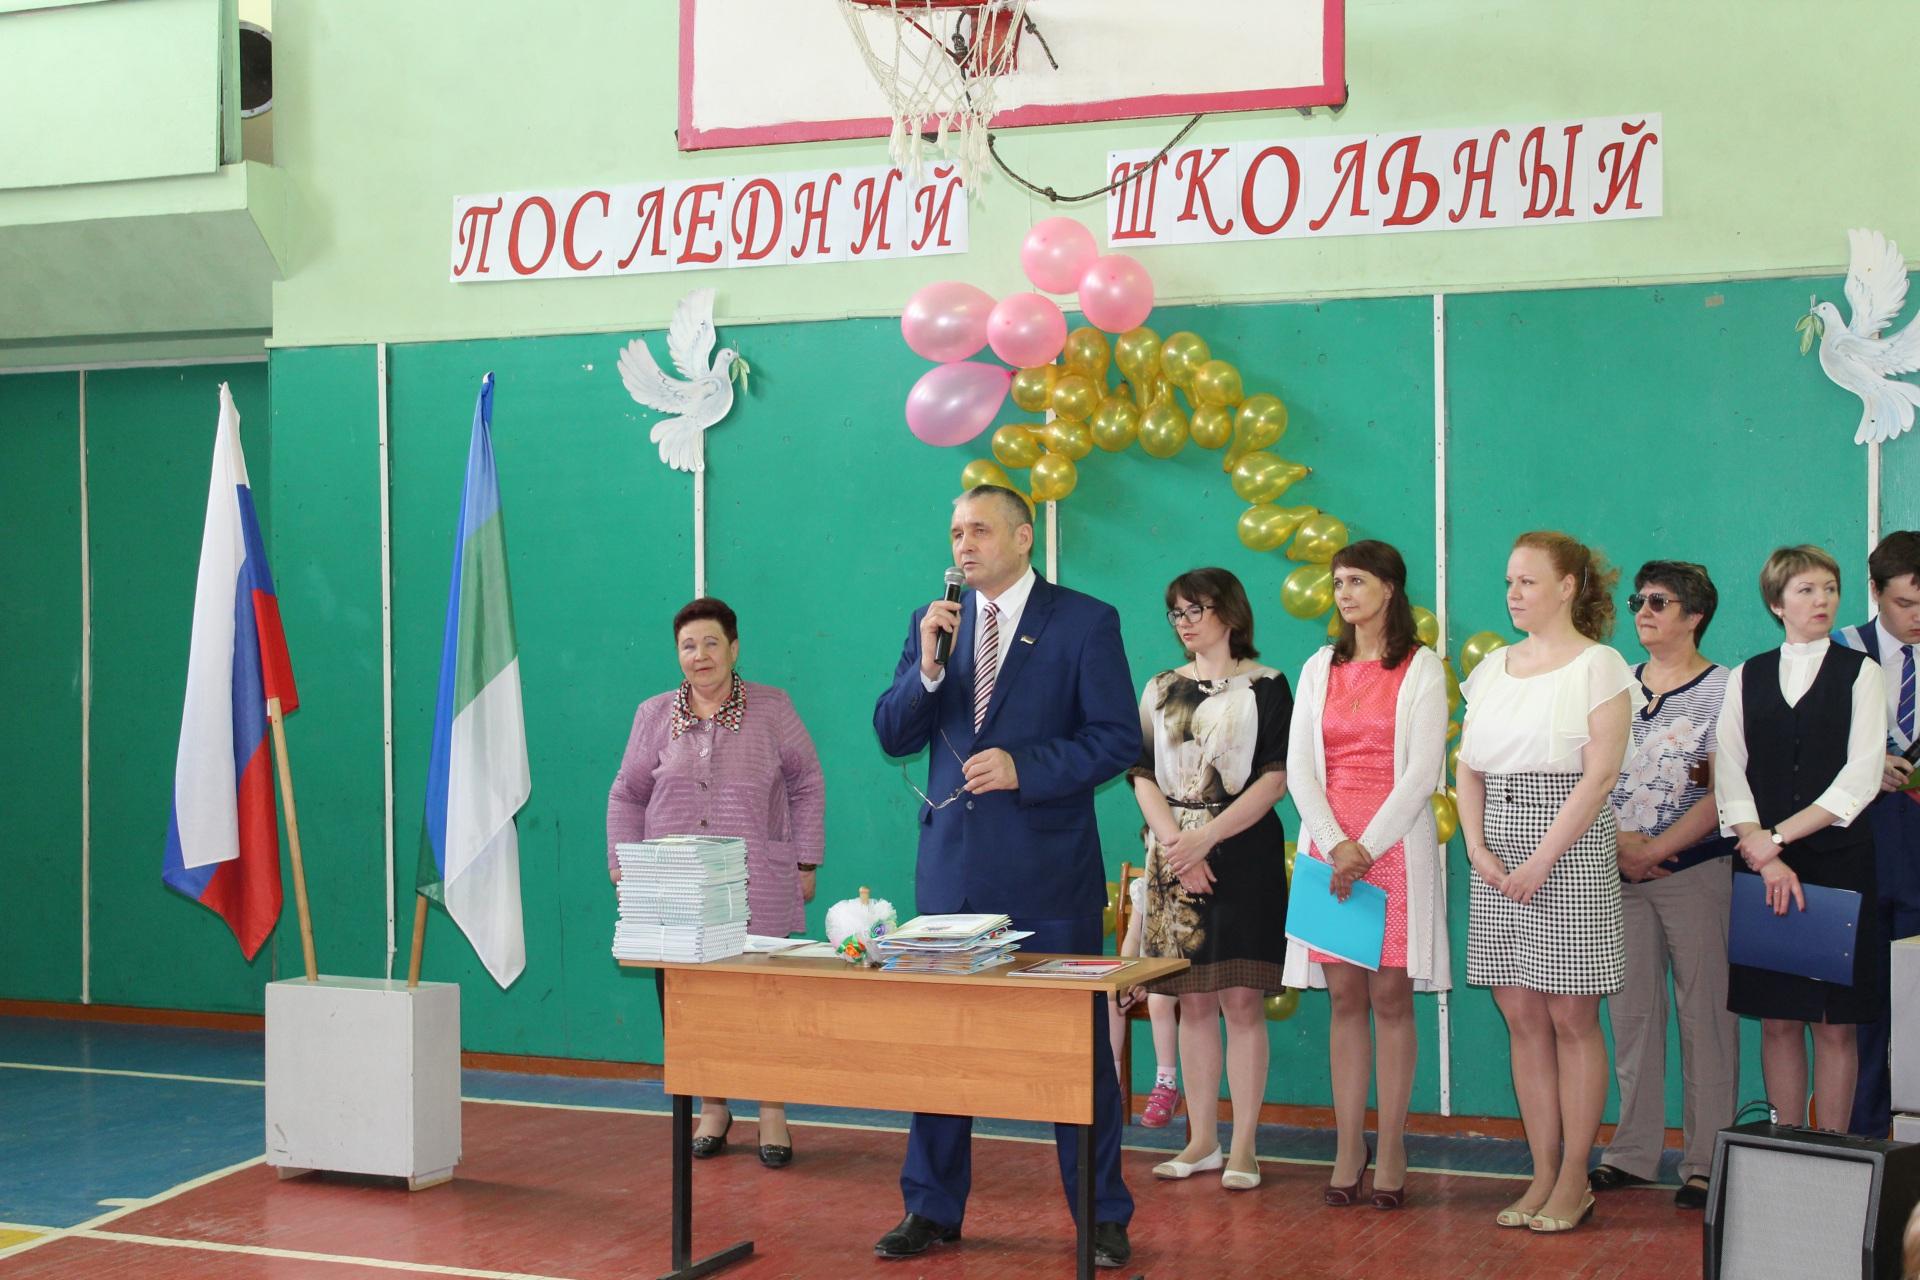 В Коми планируют обучать сельскому хозяйству со школьной скамьи